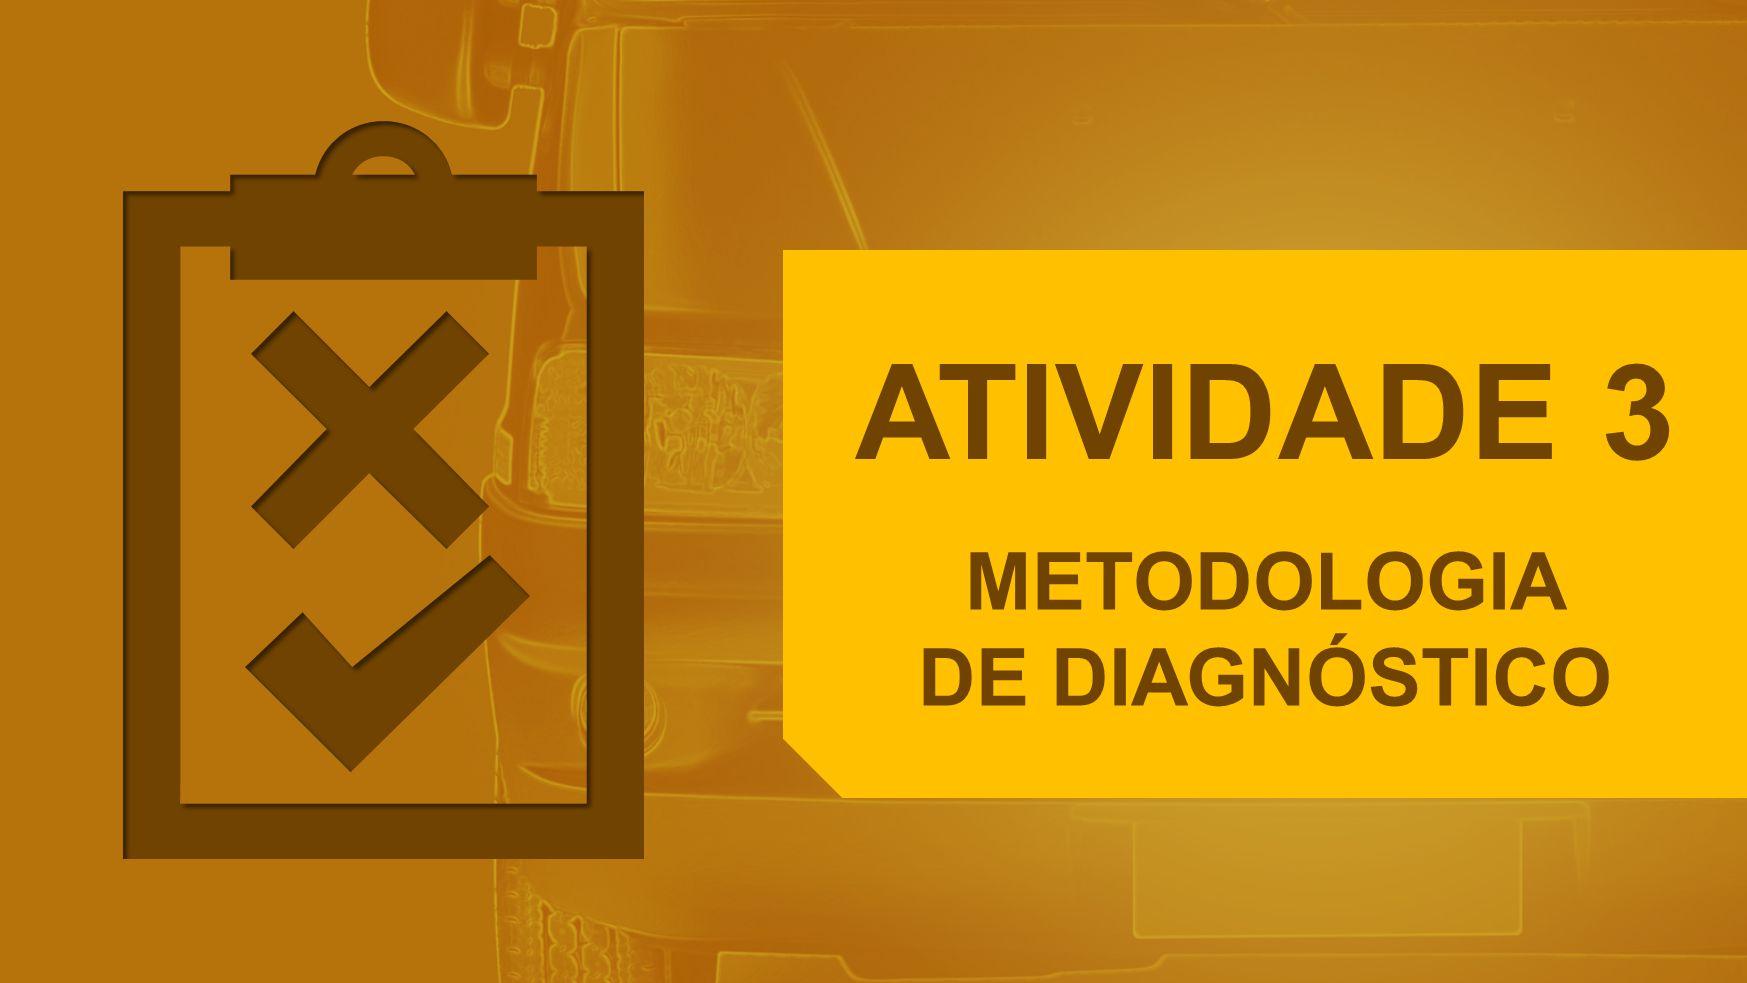 METODOLOGIA DE DIAGNÓSTICO